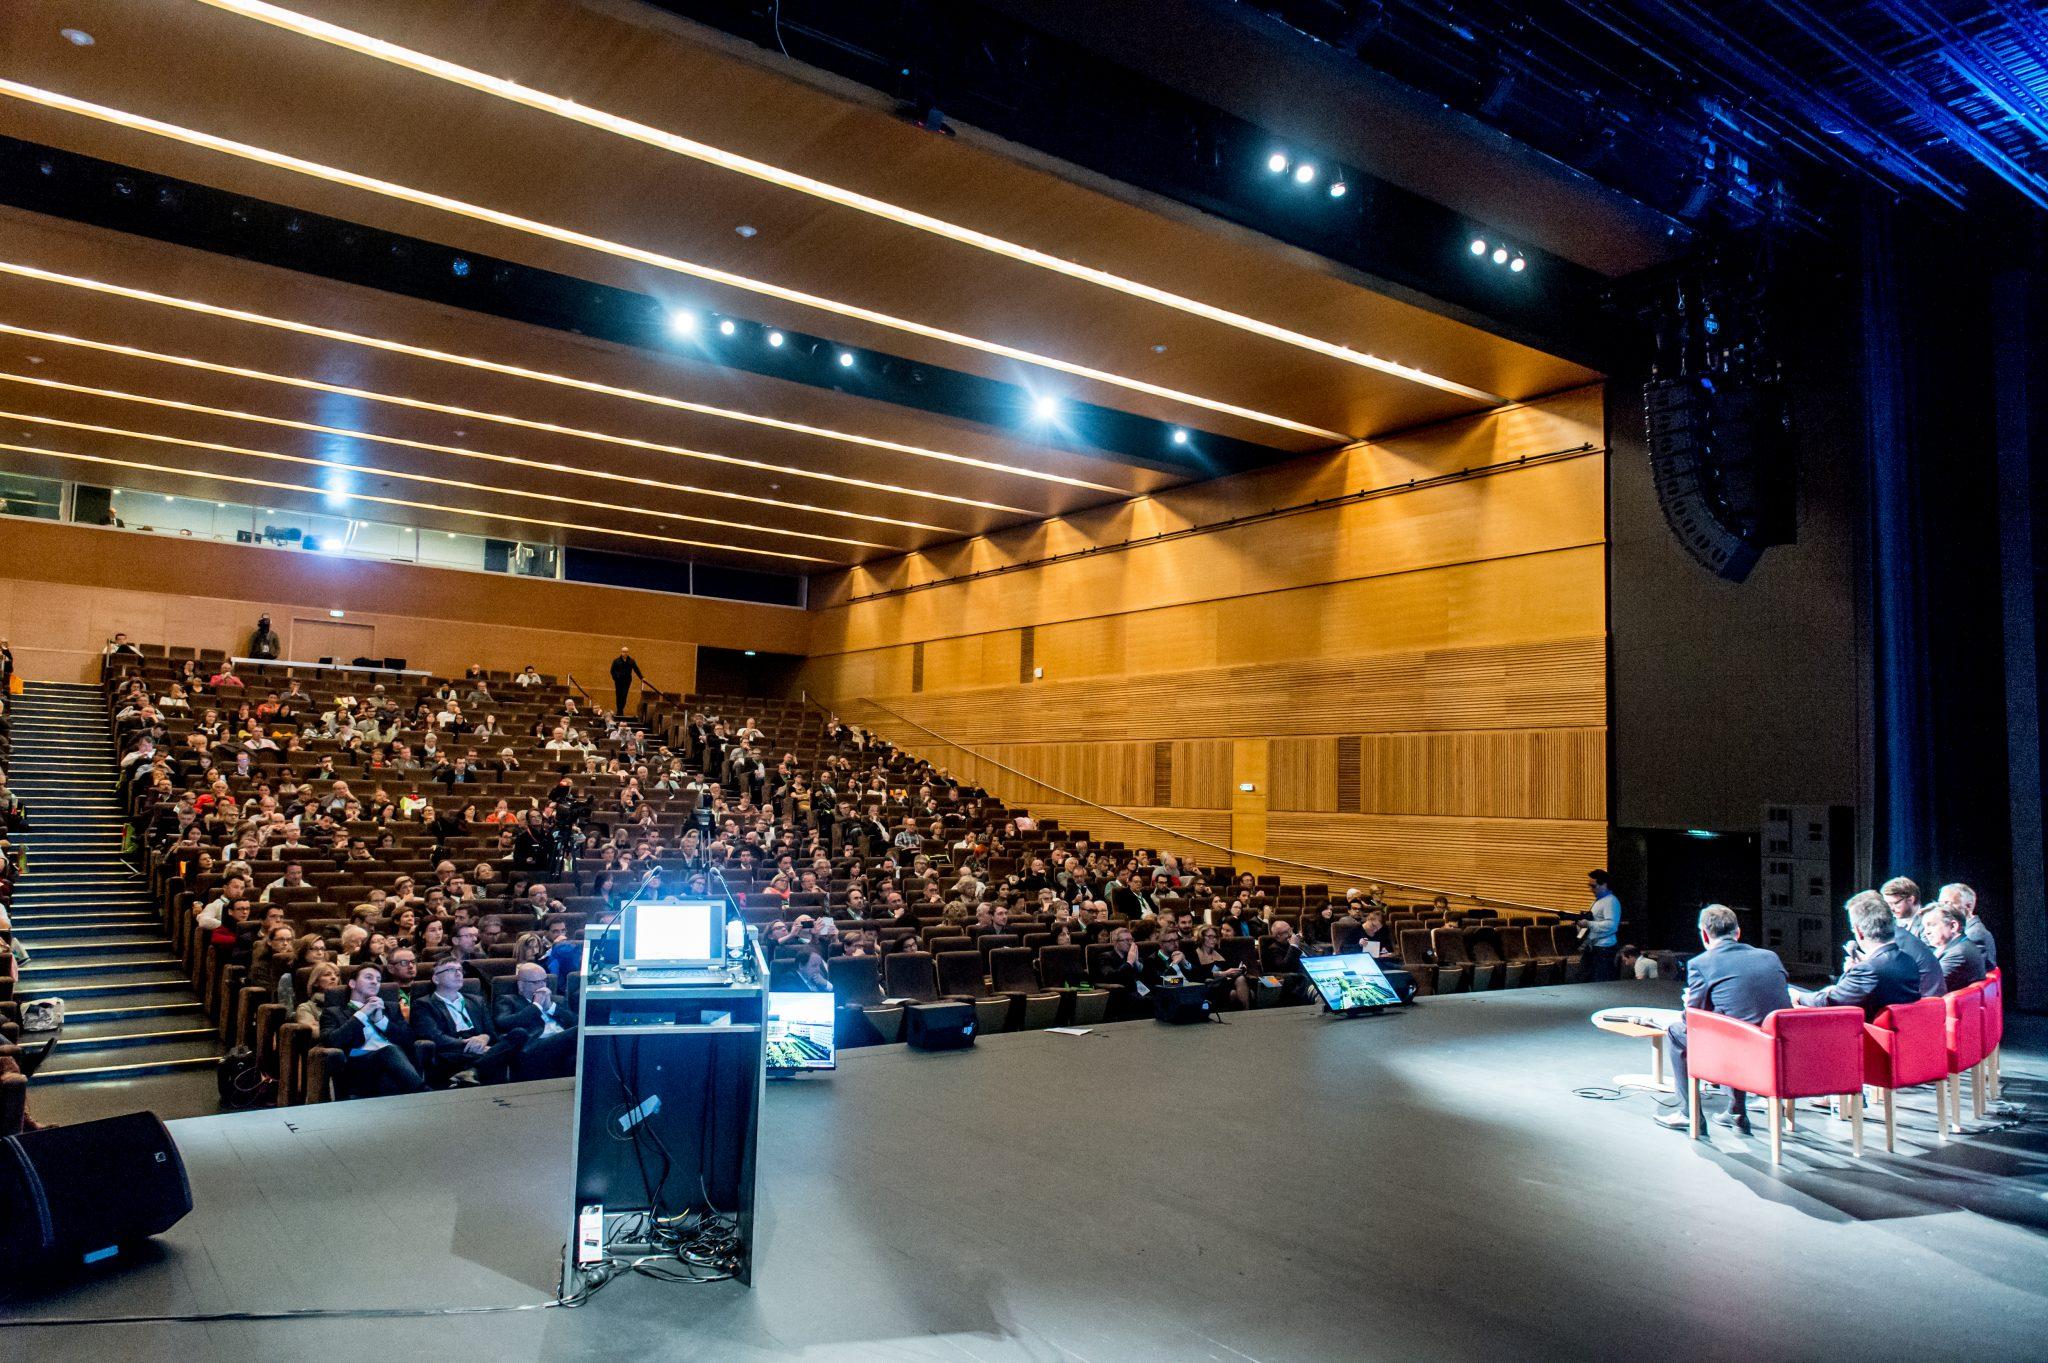 Auditorium 800 La Cité des Congrès de Nantes